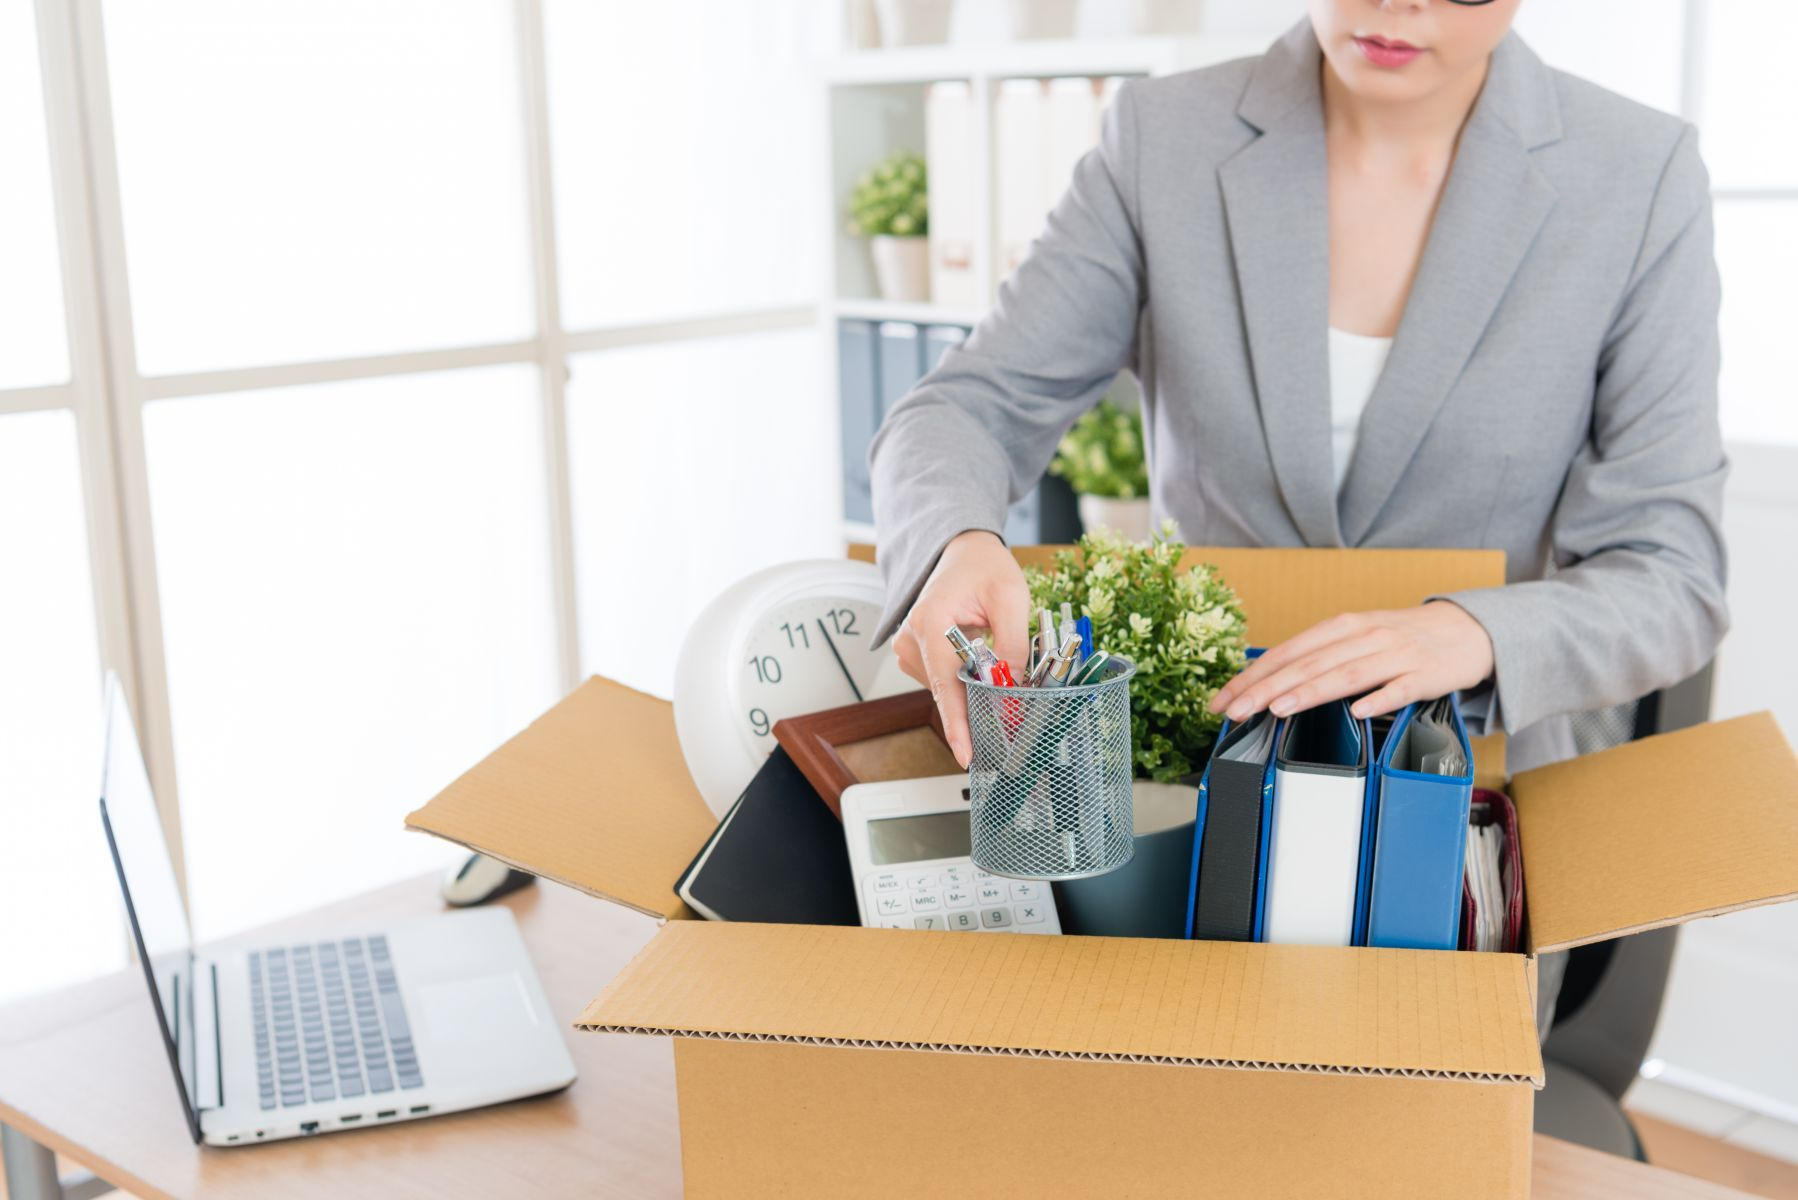 員工不遵守所謂的「預告期間」,企業要如何預防?